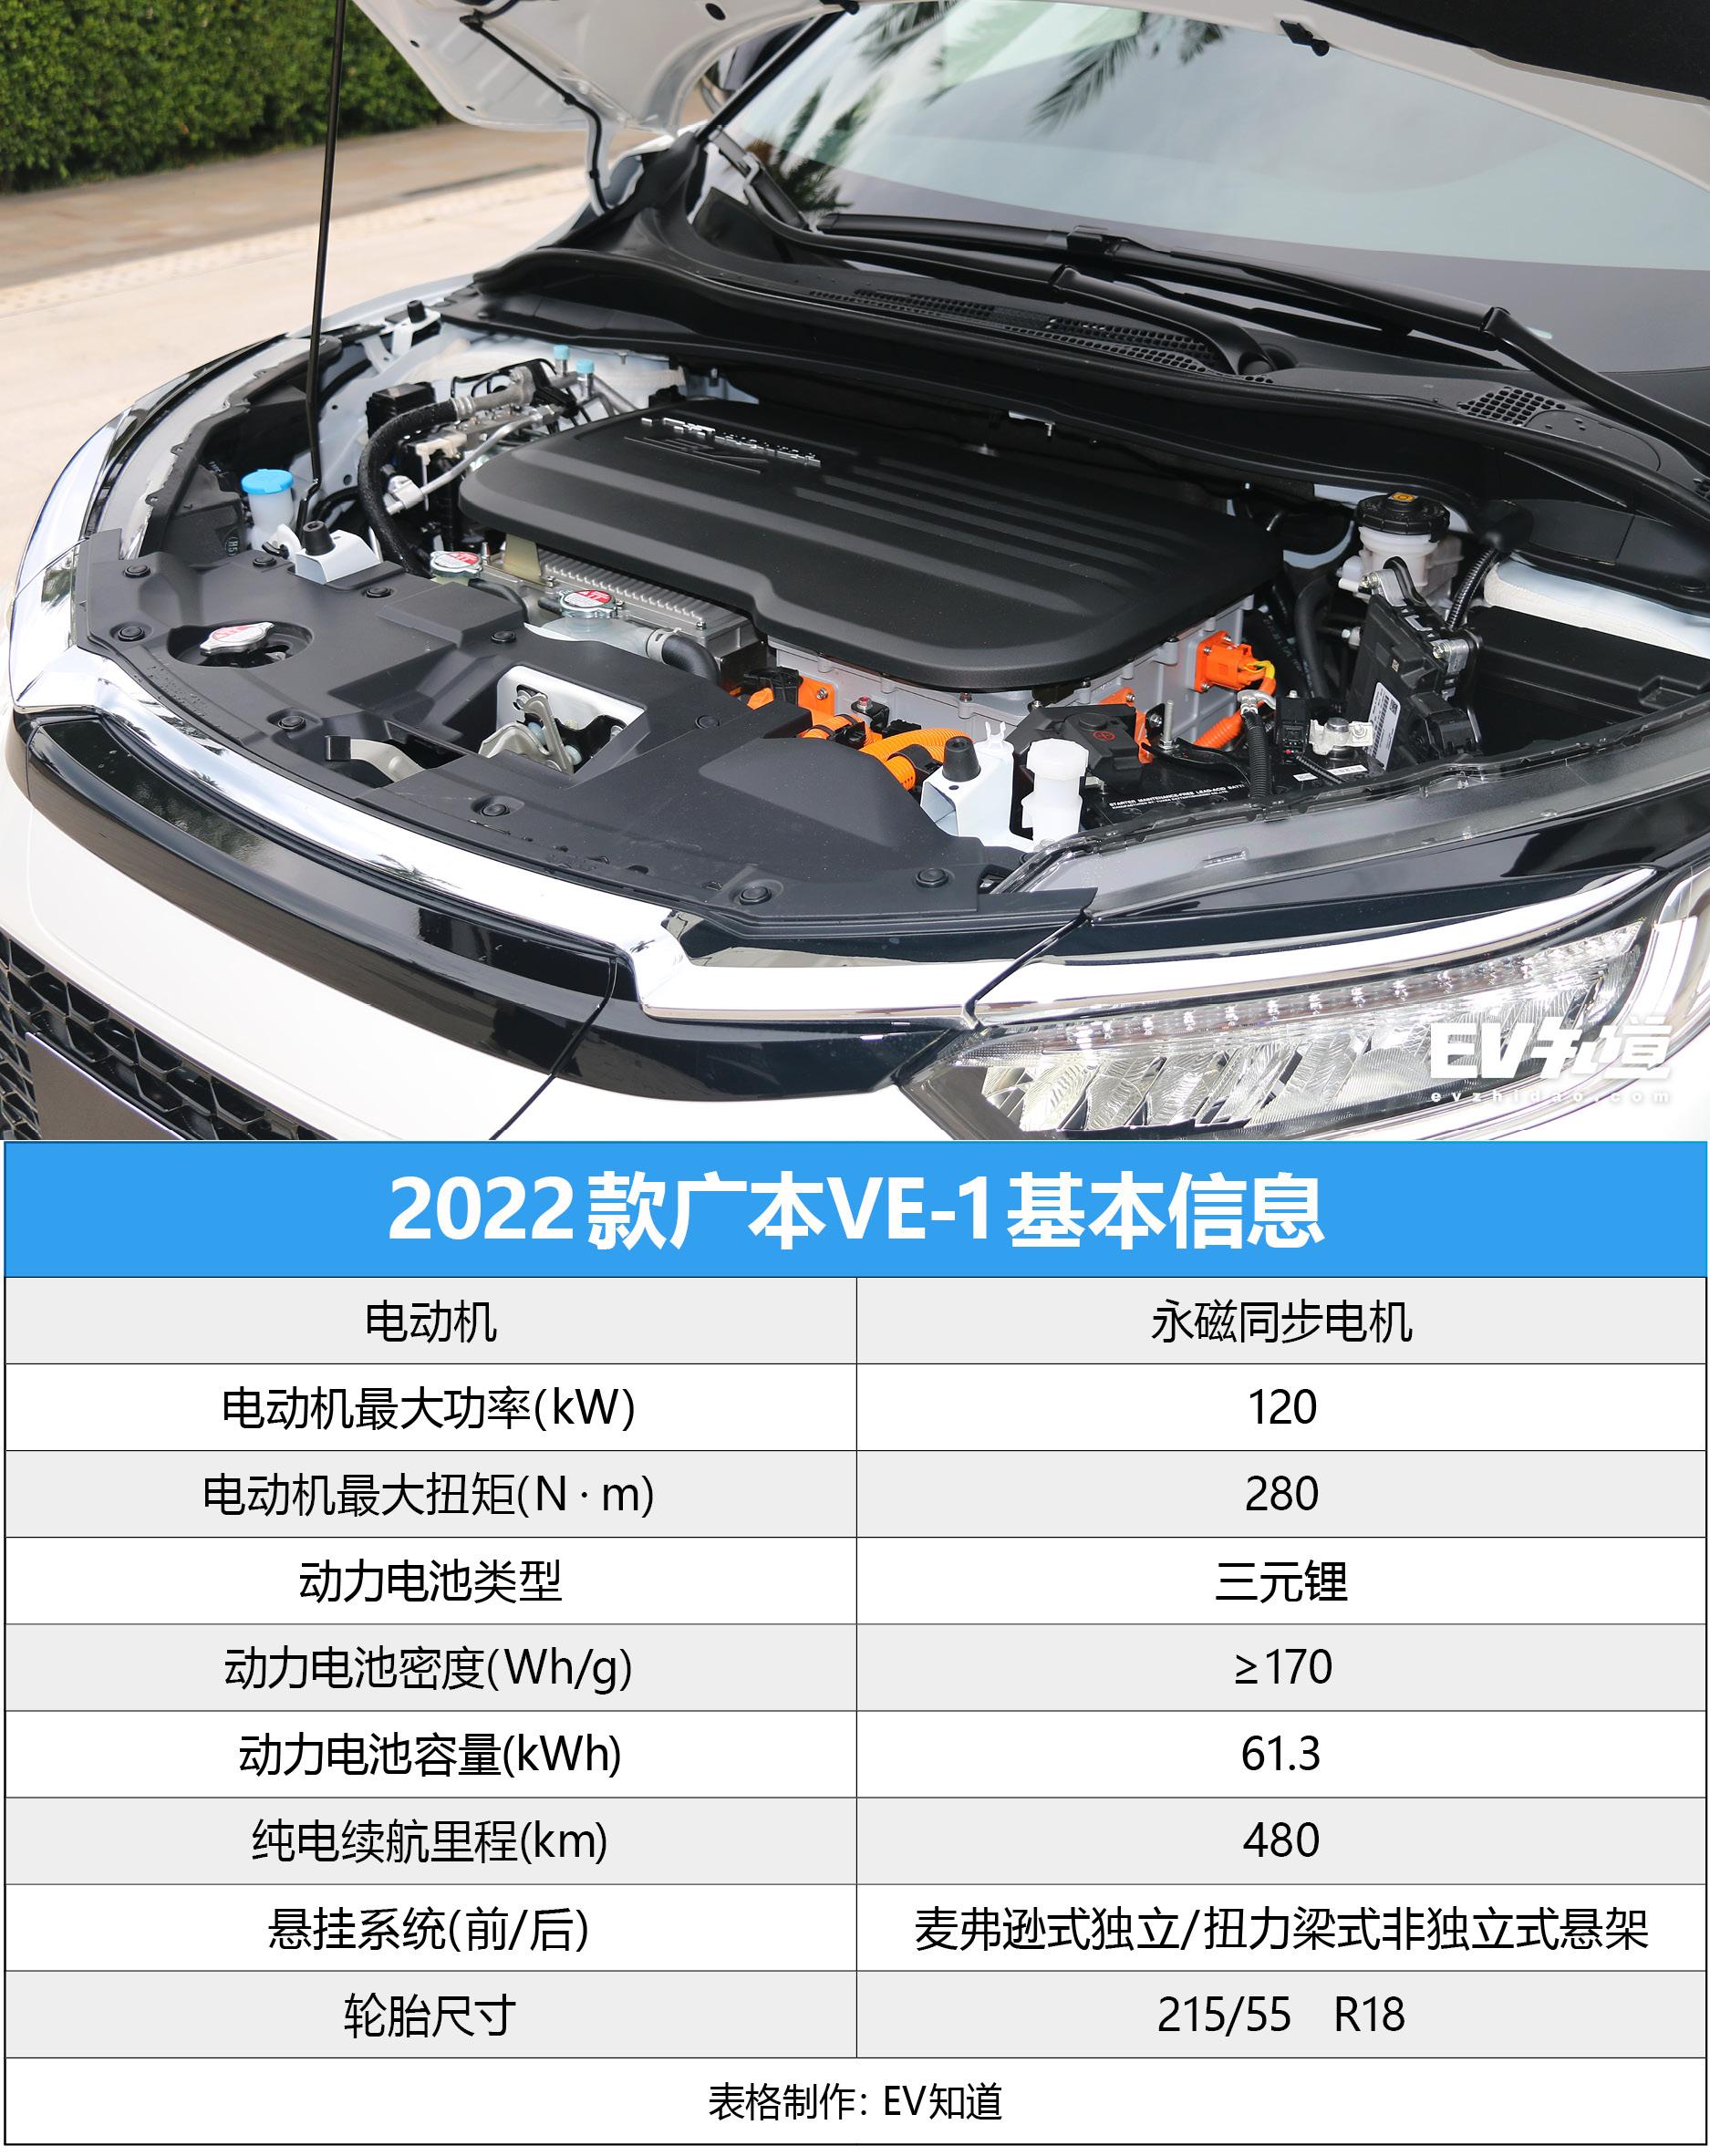 本田基因/全面升级 试驾体验2022款 VE-1 TA系列